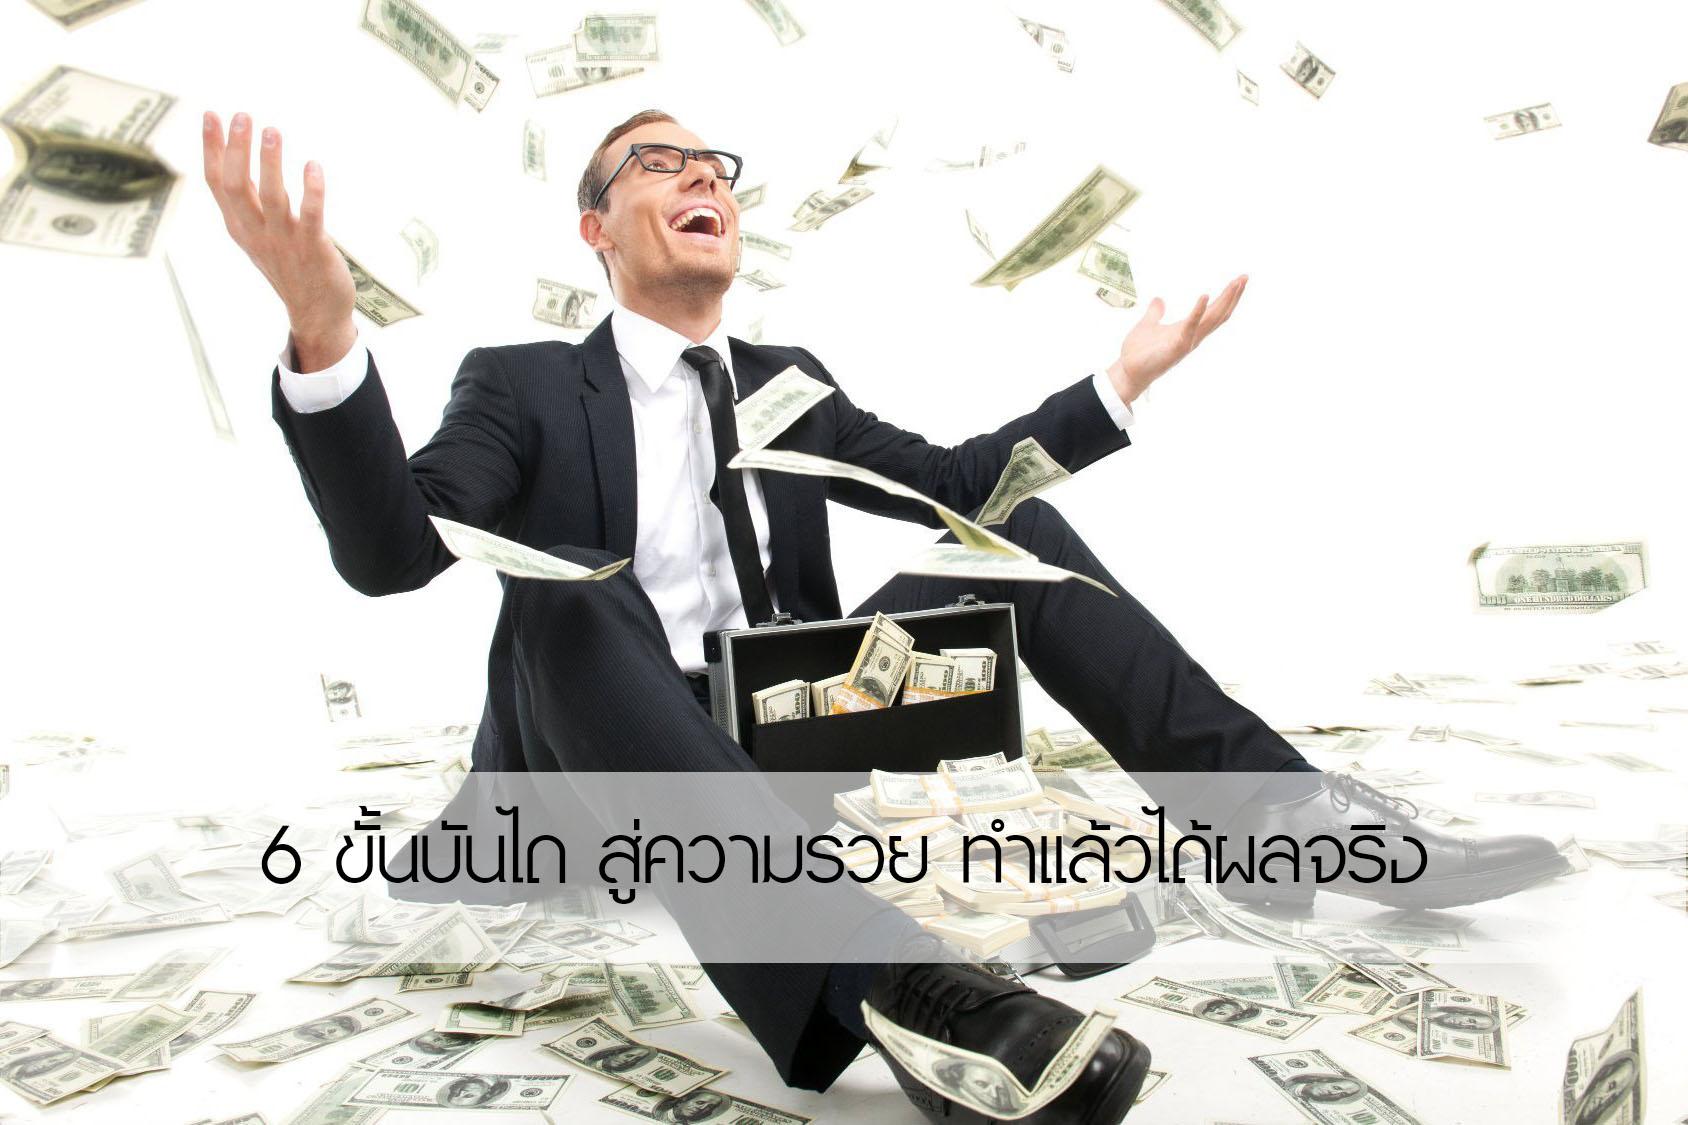 6 ขั้นบันได สู่ความรวย ทำแล้วได้ผลจริง